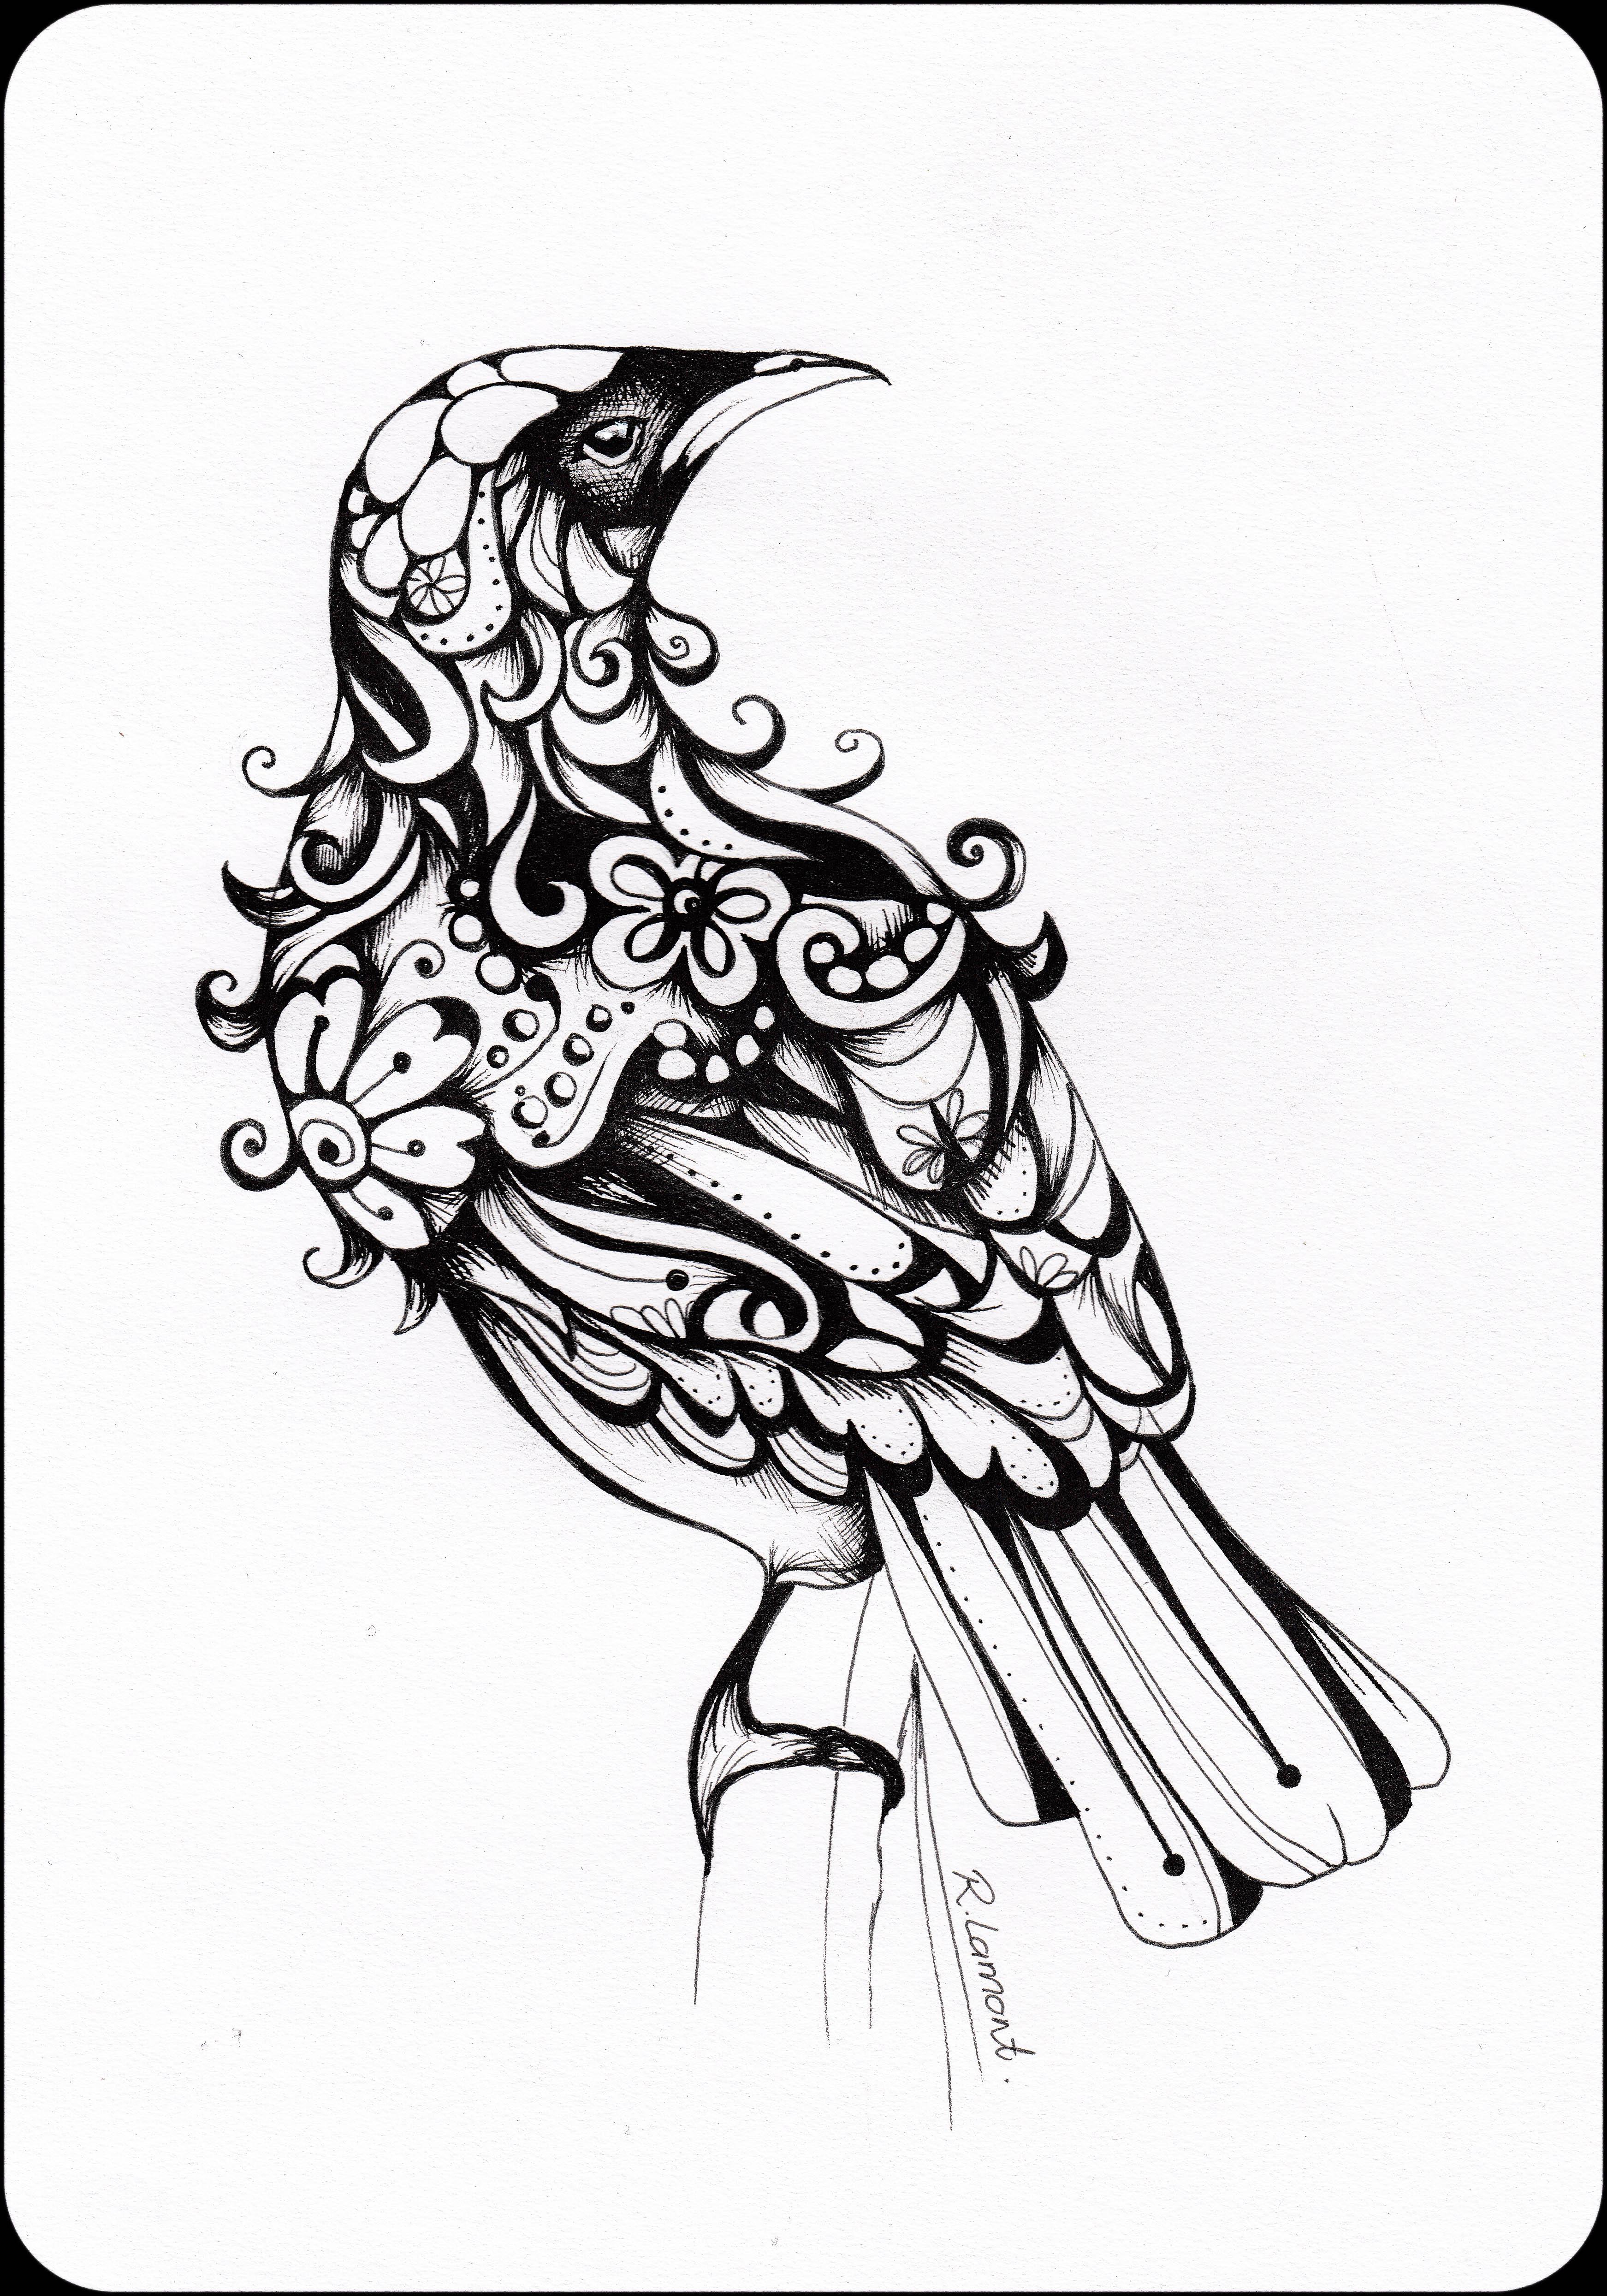 Inked Tui